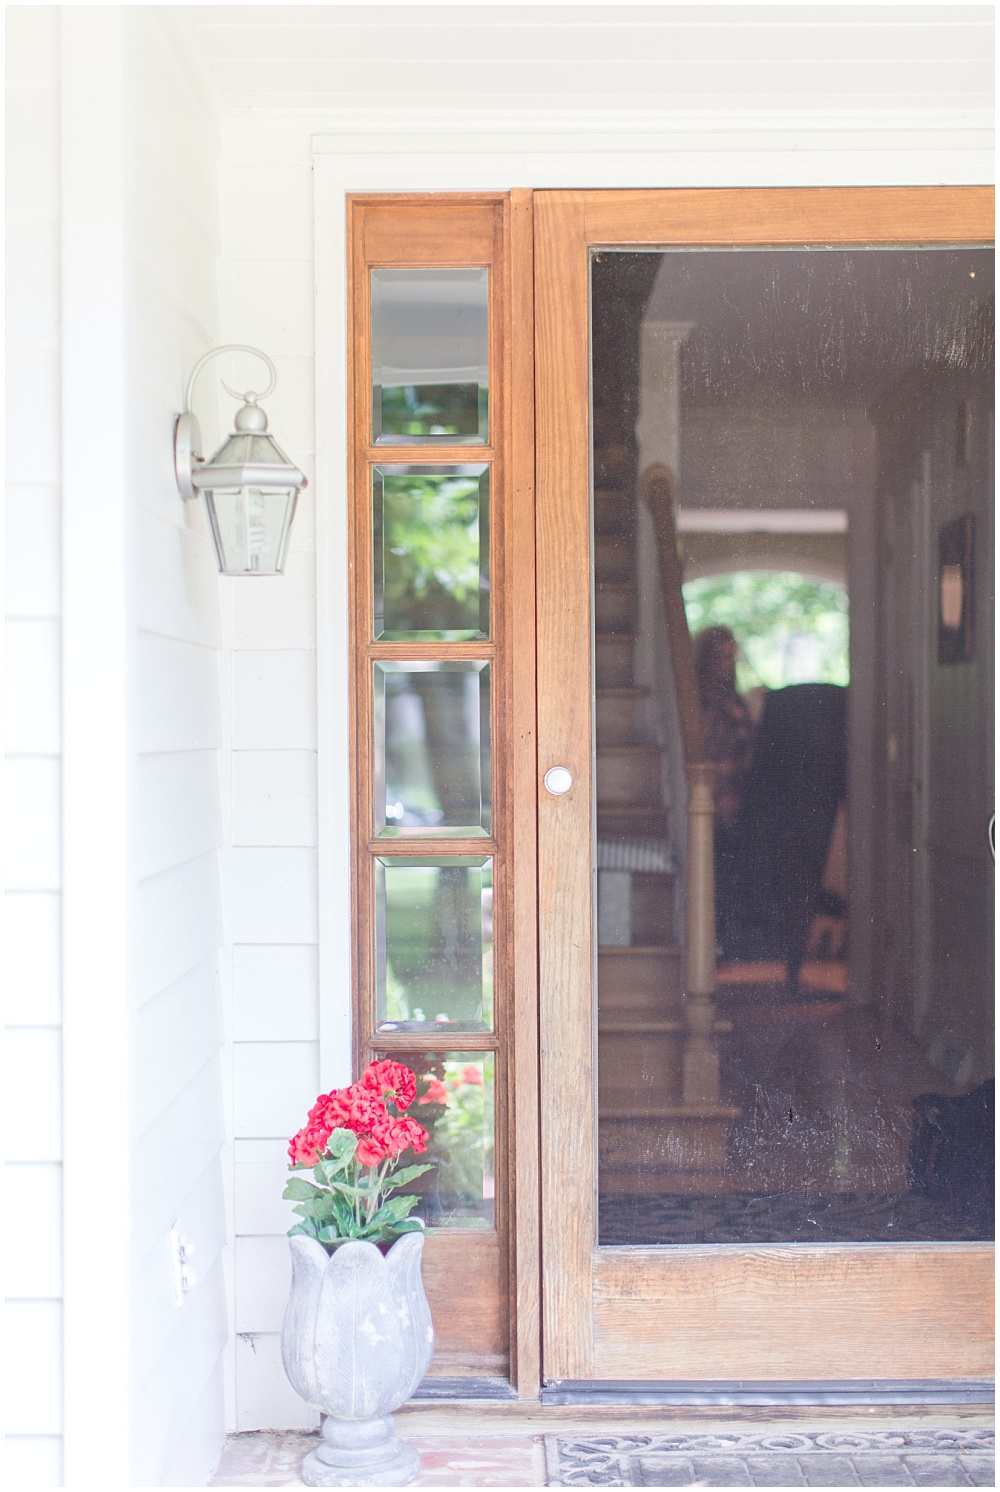 Rustic front porch with wooden screen door   Sami Renee Photography + Jessica Dum Wedding Coordination